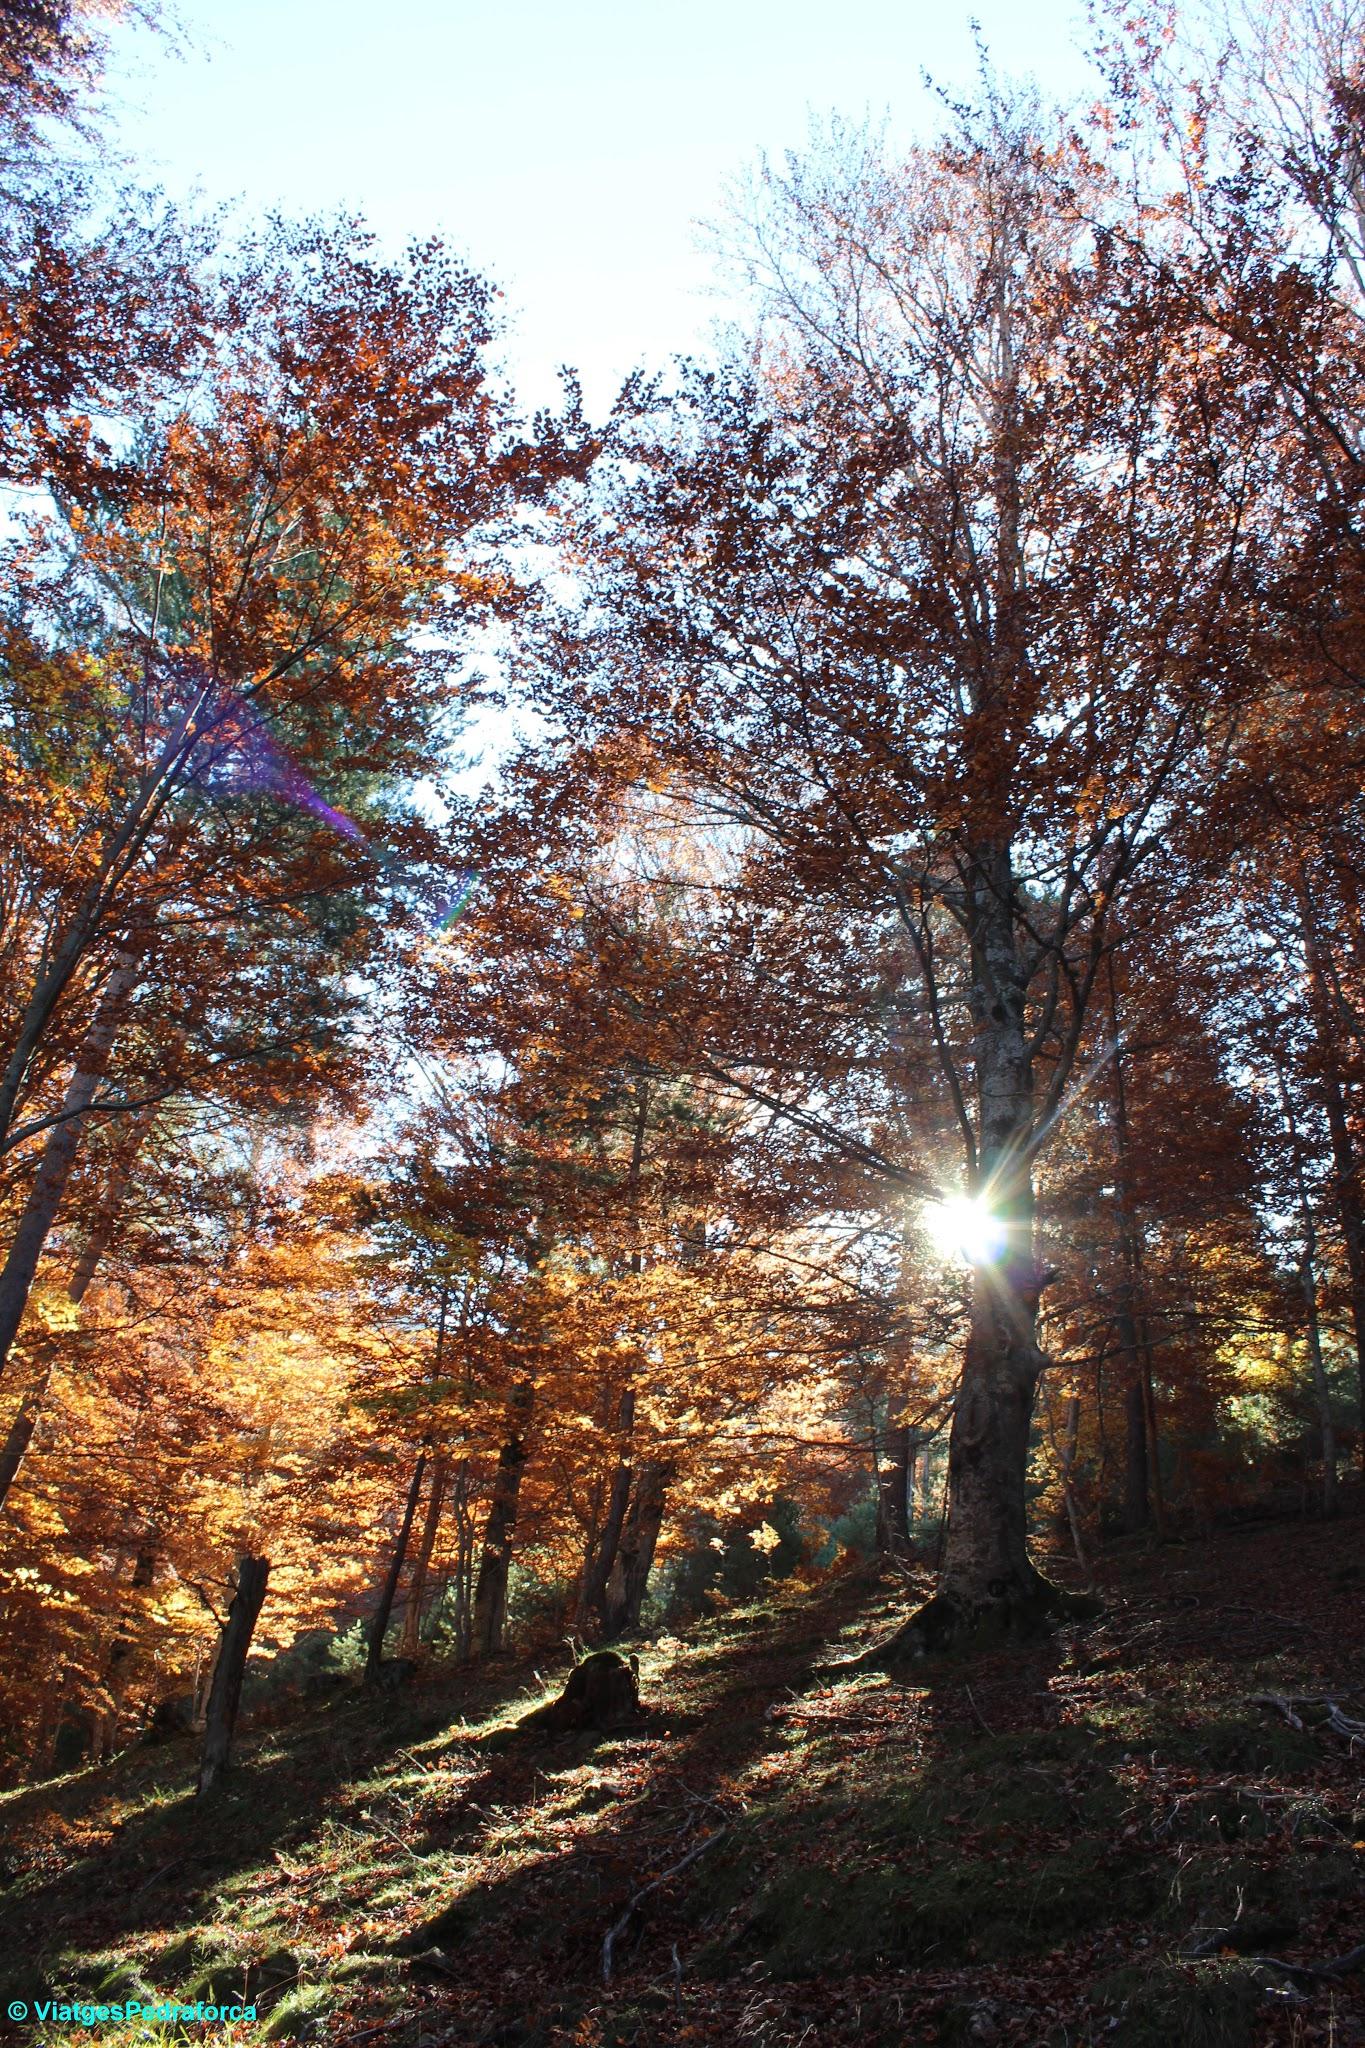 Valle de Hecho, Val d'Echo, Parque natural de los Valles Occidentales, colors de tardor, senderisme, Pirineu Aragonès